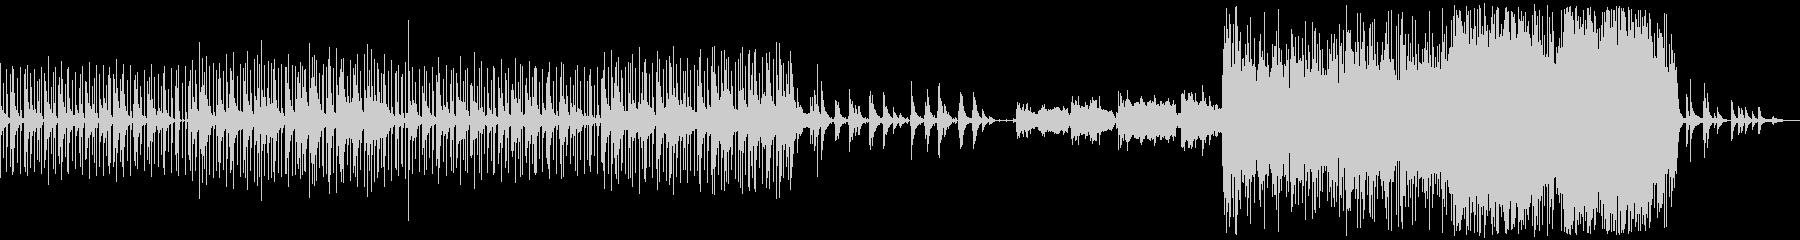 動画 センチメンタル 静か クール...の未再生の波形